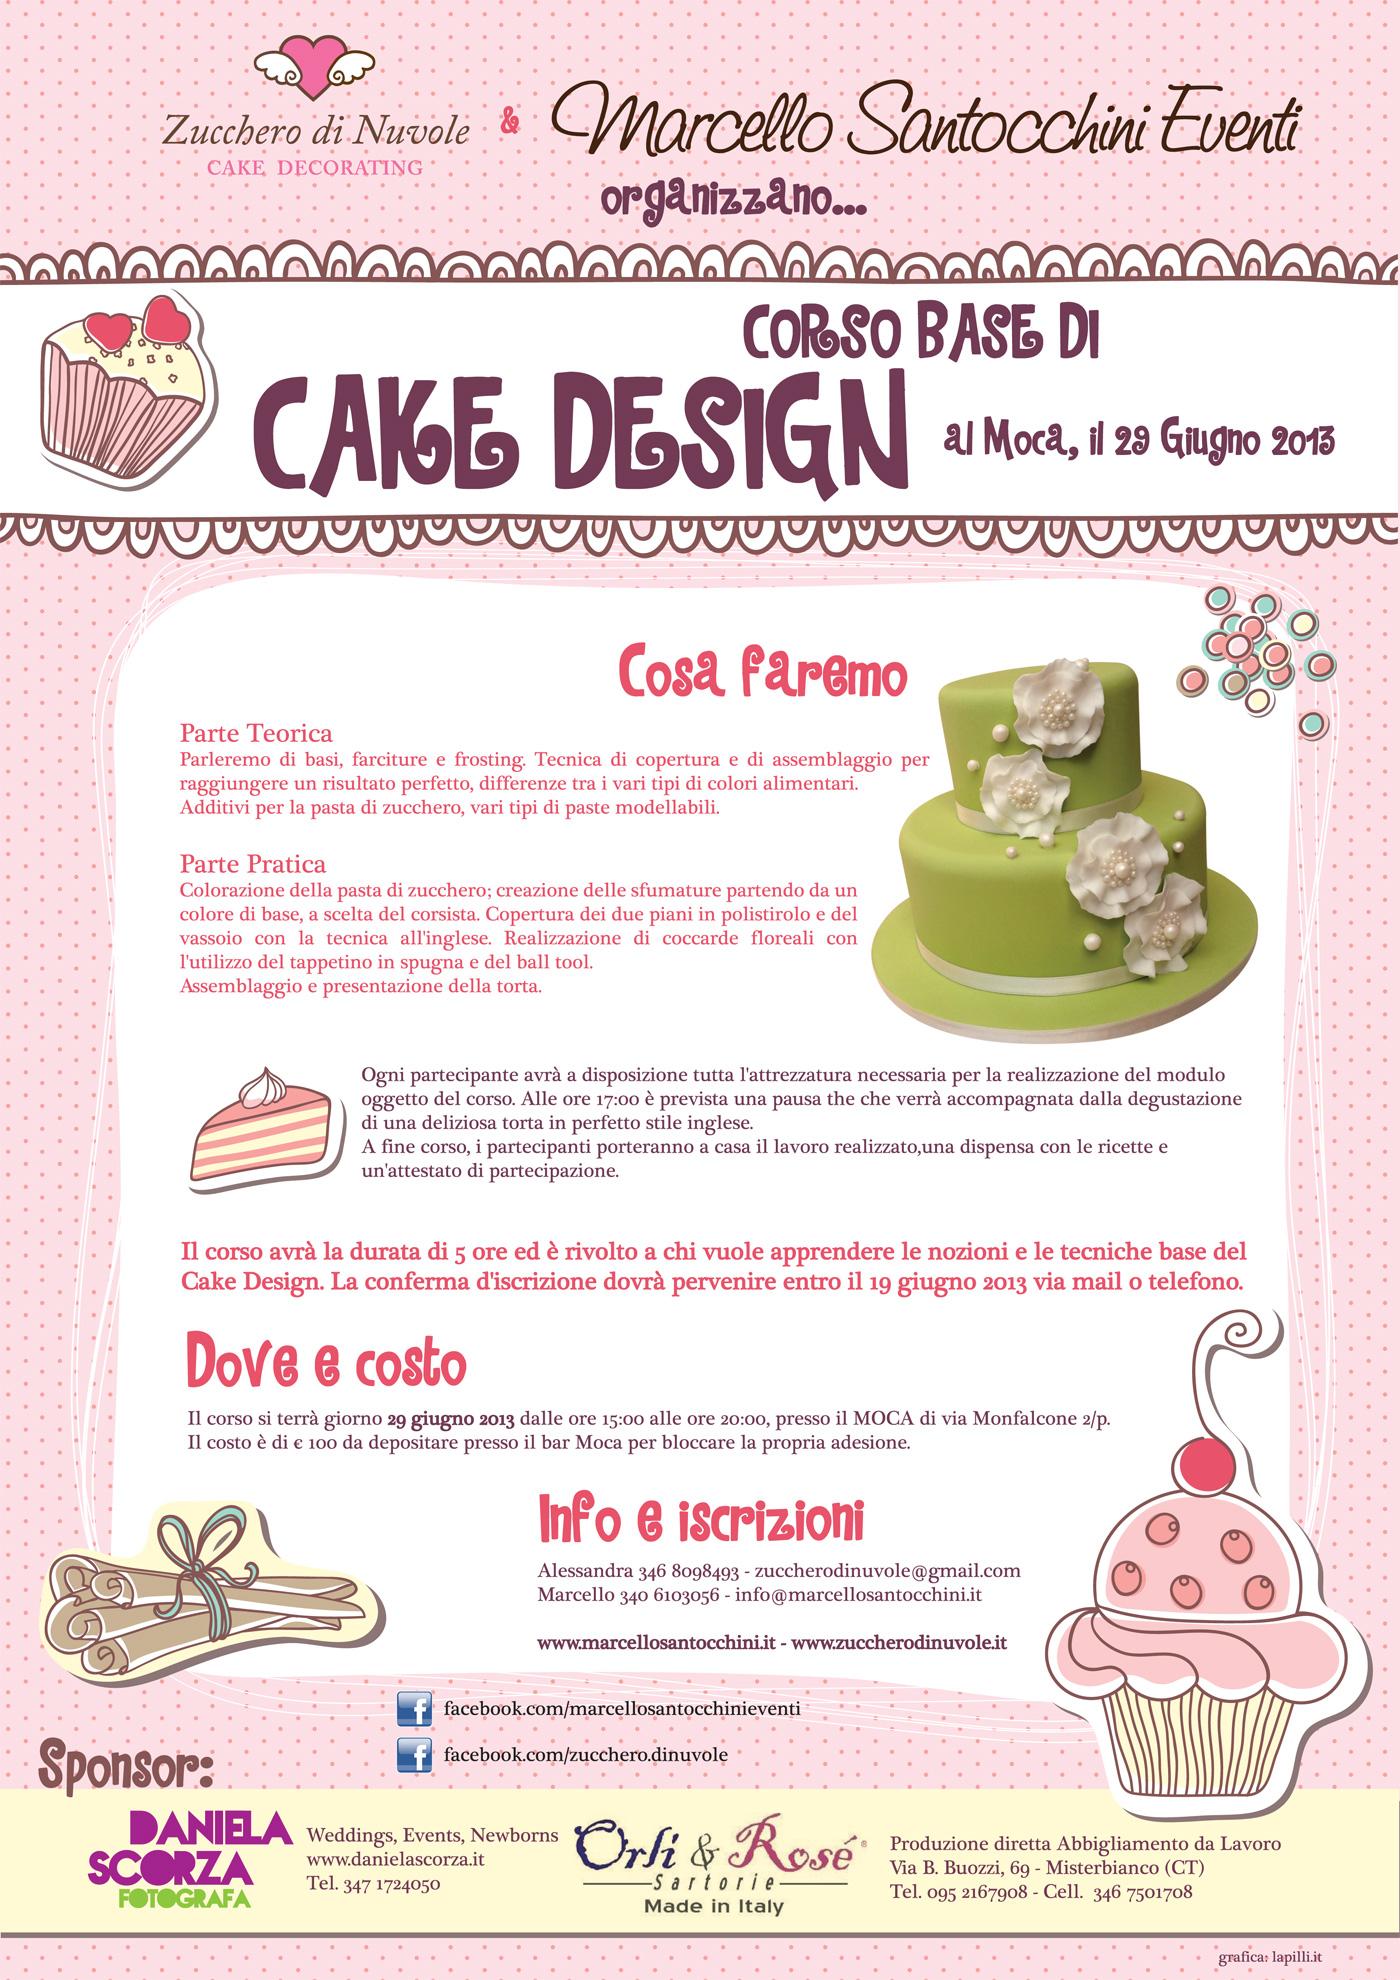 Corso base di Cake Design al Moca - Marcello Santocchini ...